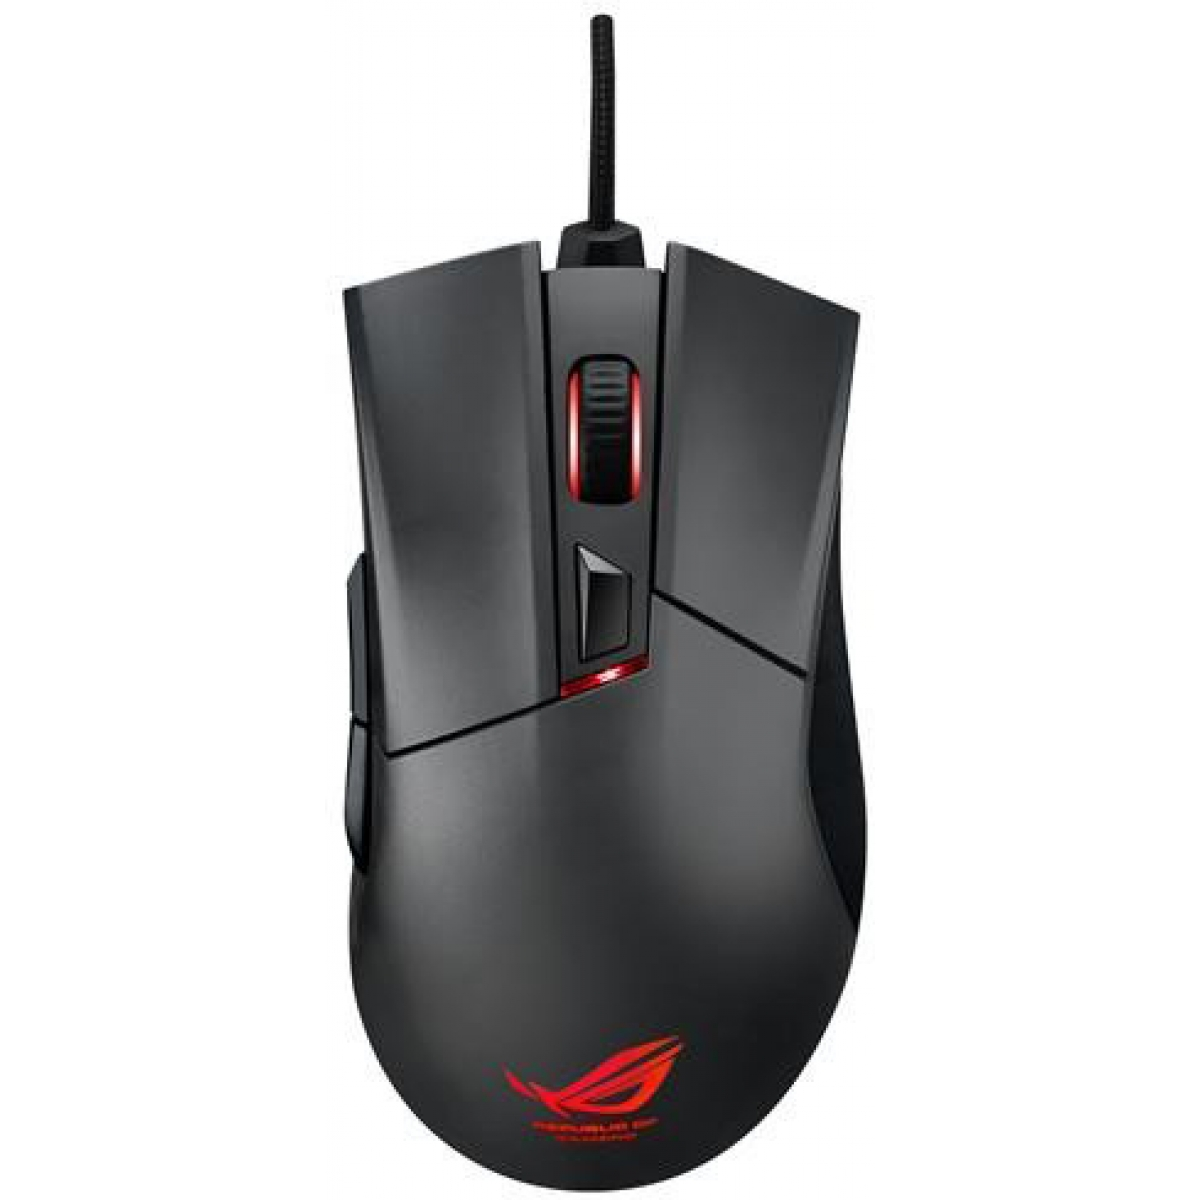 Mouse Gamer Asus Laser Rog Gladius 6400 DPI 2 Botões Programáveis Black